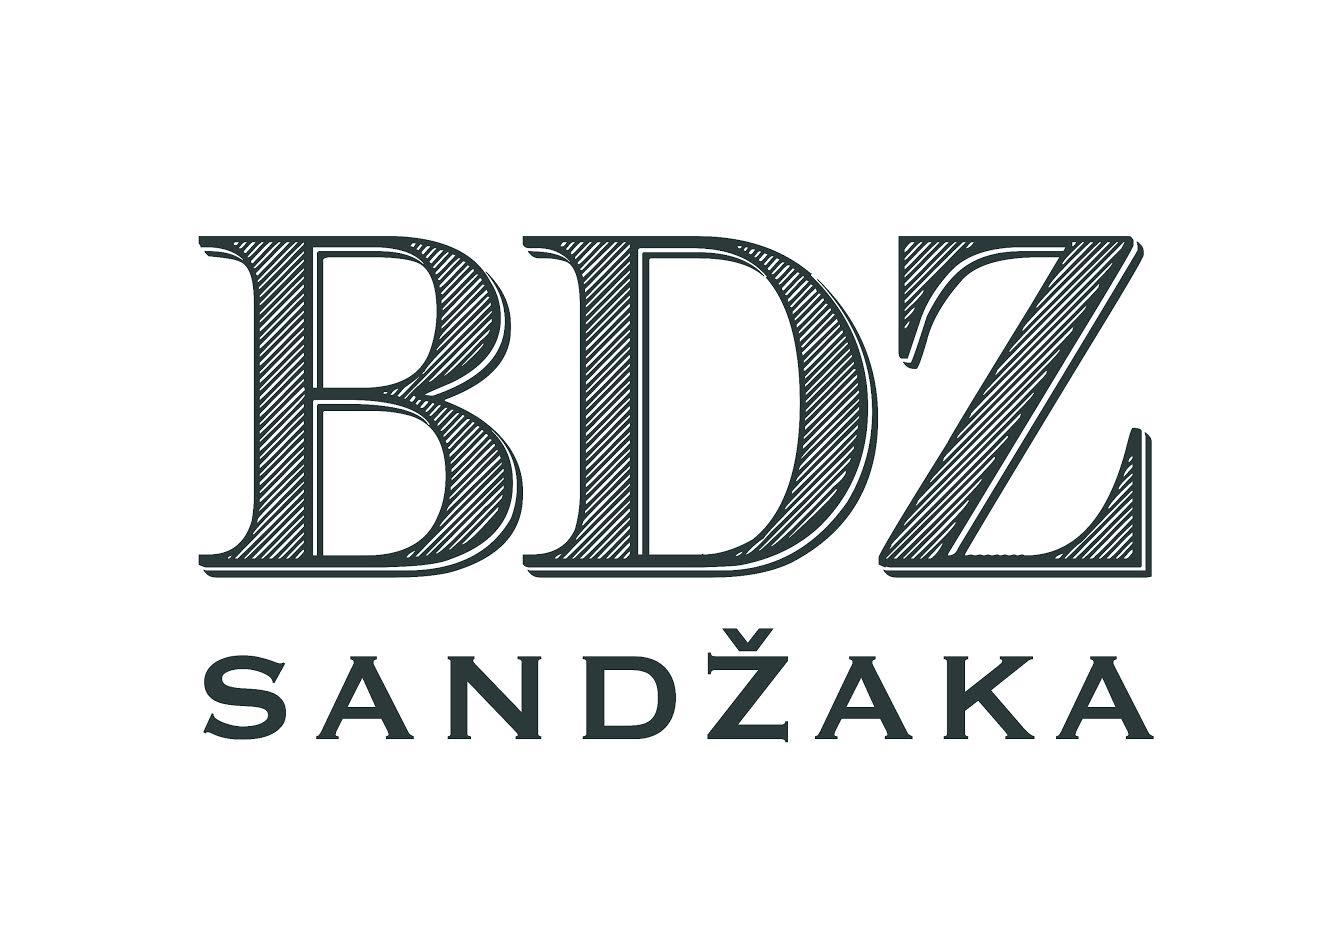 bdz-sandzaka-logo